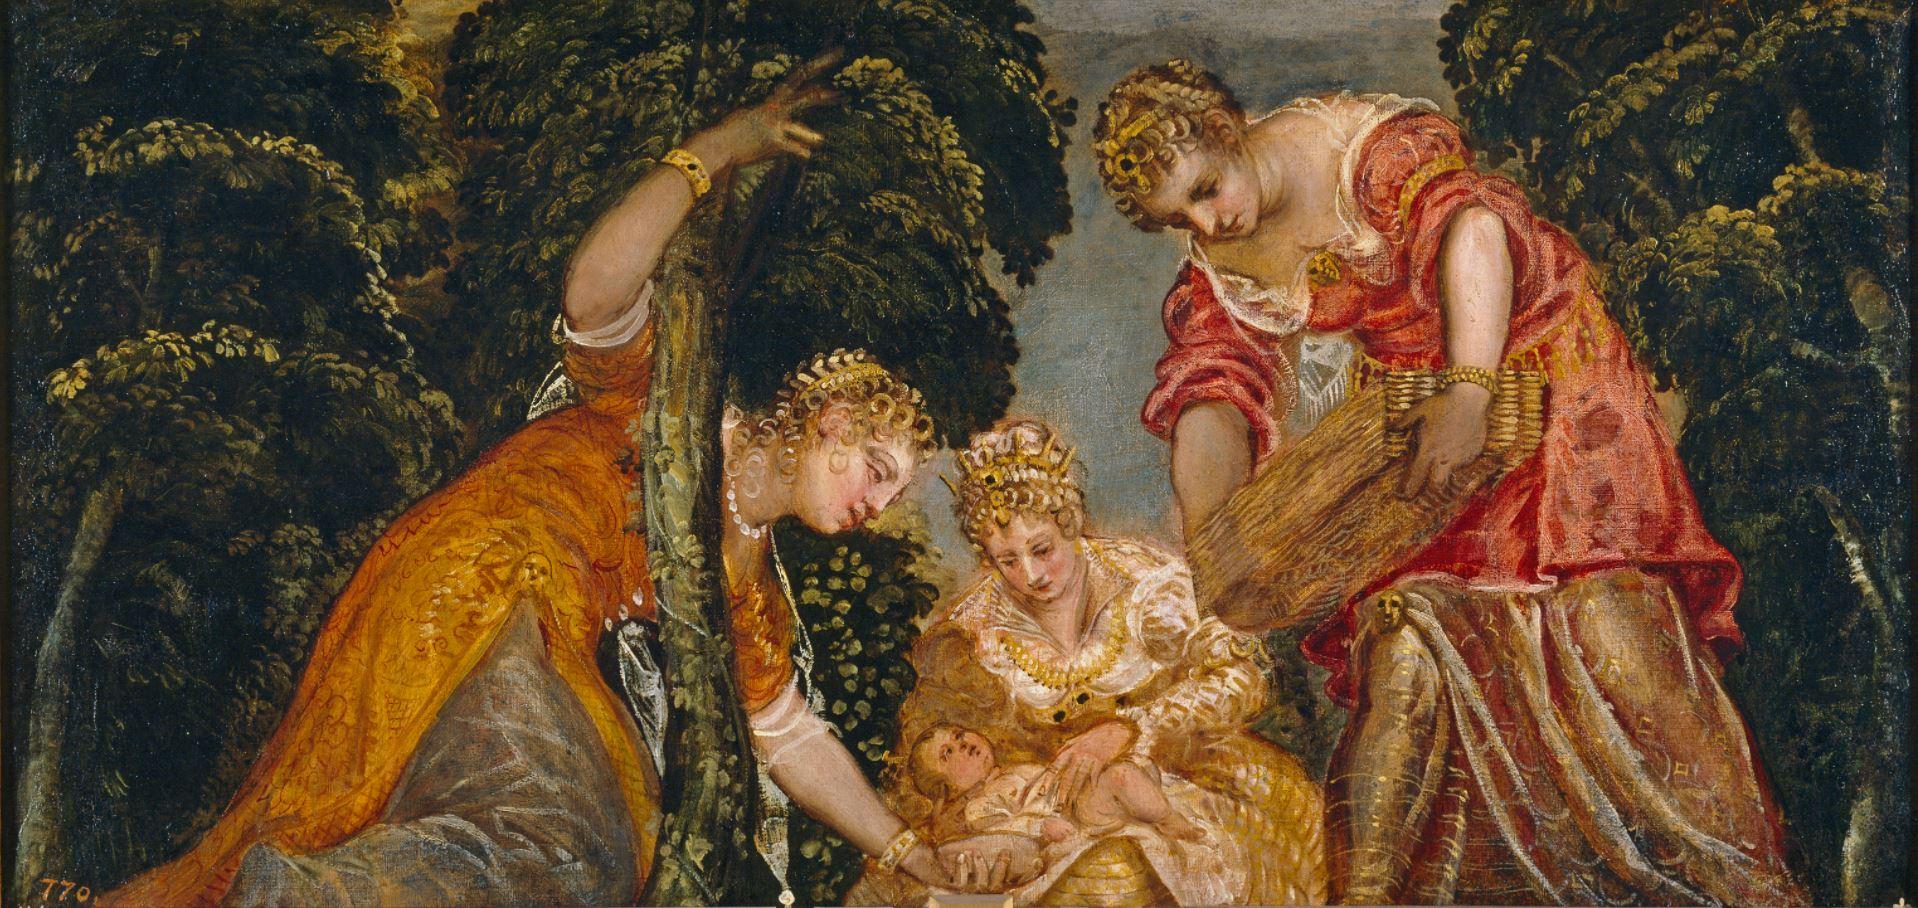 Peintre Contemporain Célèbre Vivant biographie et œuvre de tintoret (1518-1594)